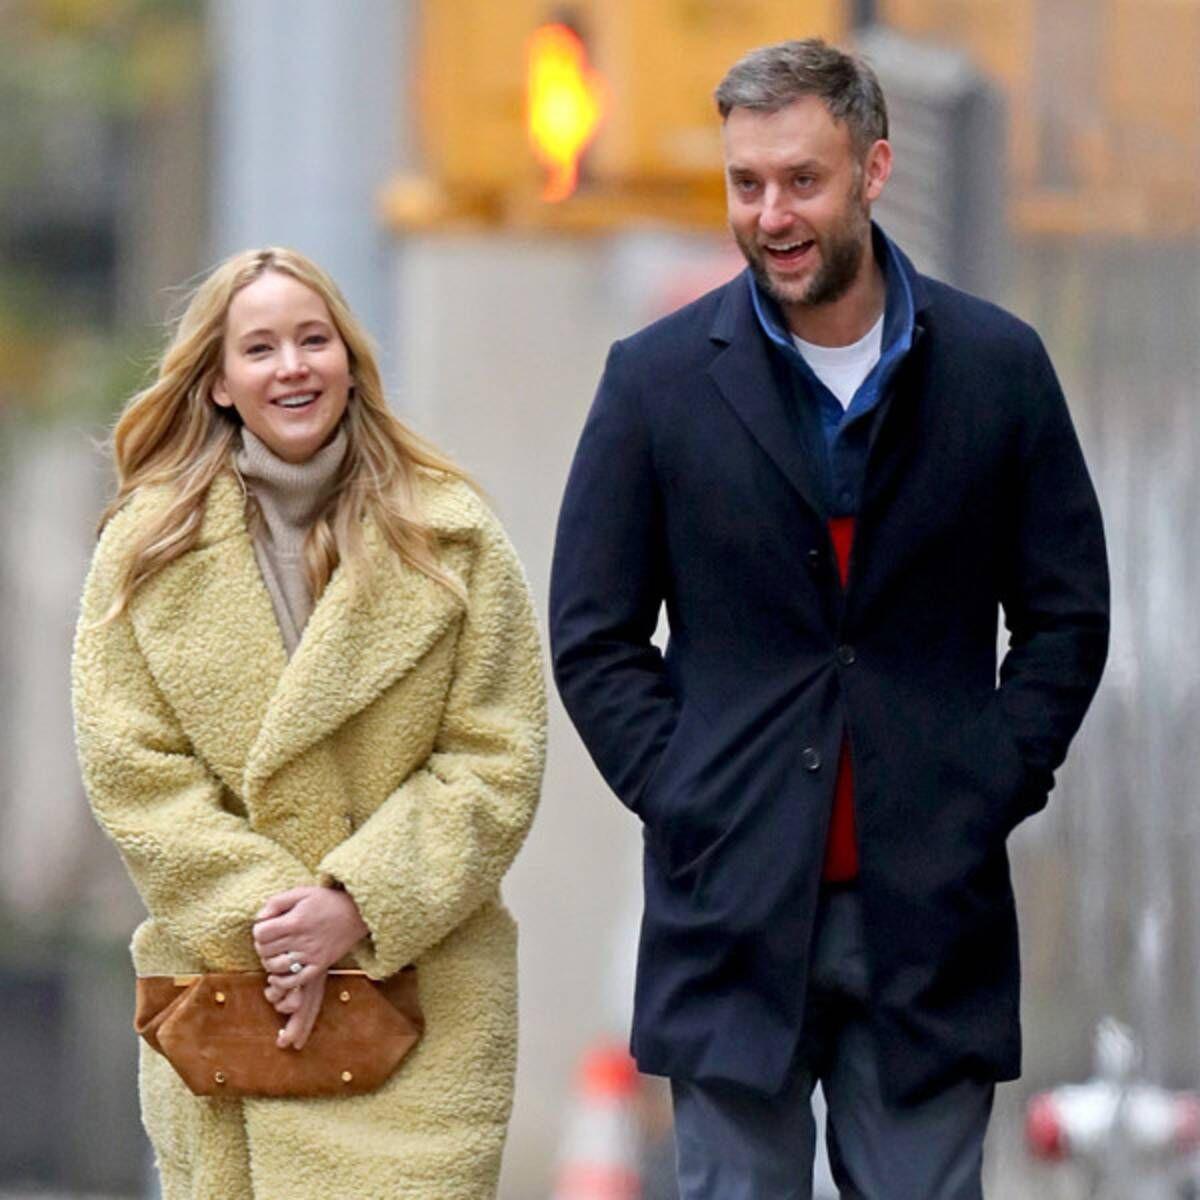 Ünlü oyuncu Jennifer Lawrence'ın hamile olduğu açıklandı - Sayfa 1